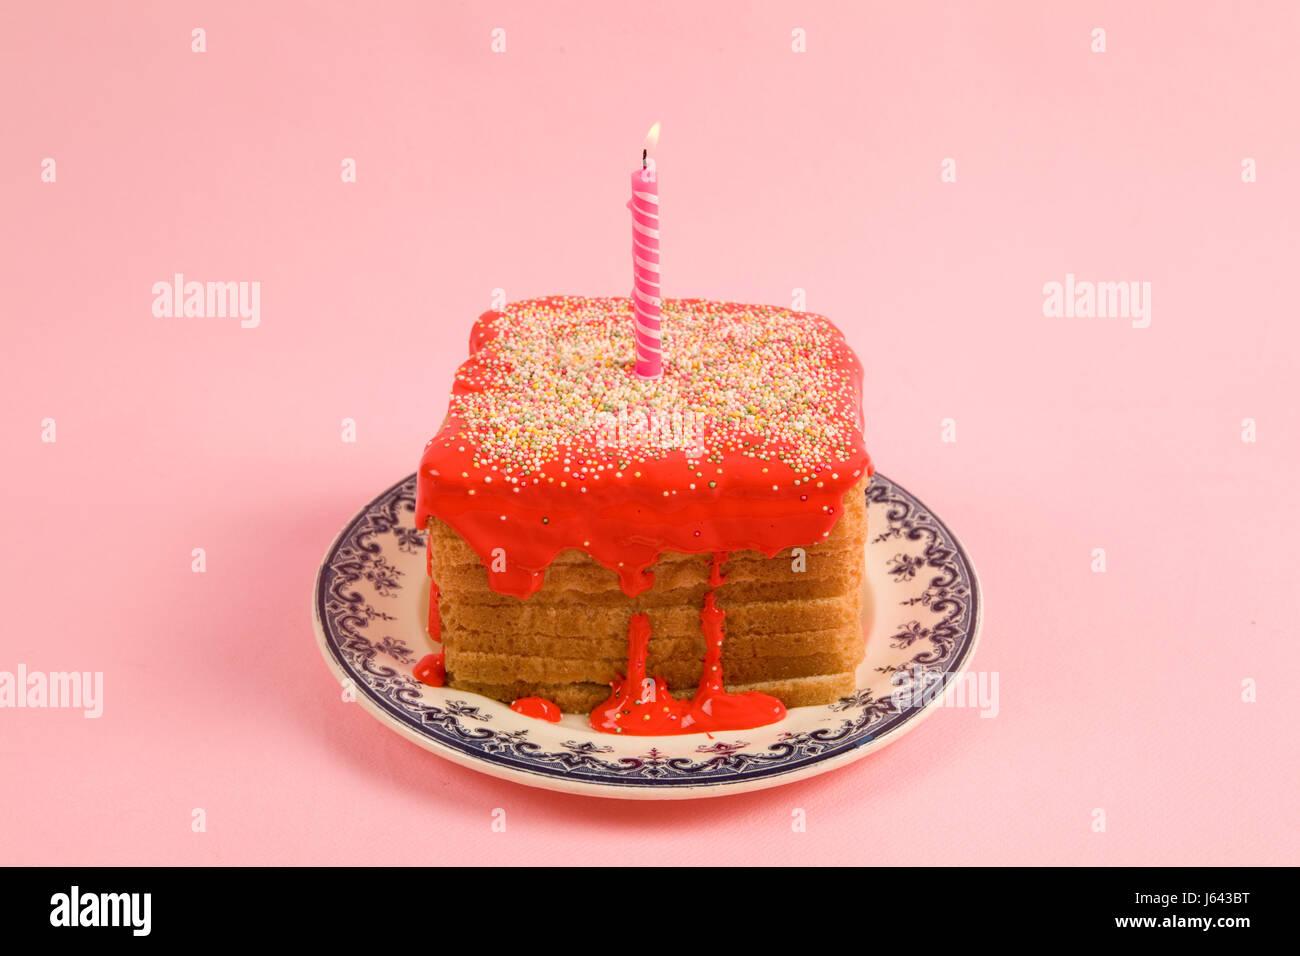 eine schrullige Vereisung Geburtstag Brot bedeckt mit Streuseln und rote Coulis auf rosa Hintergrund Stockbild